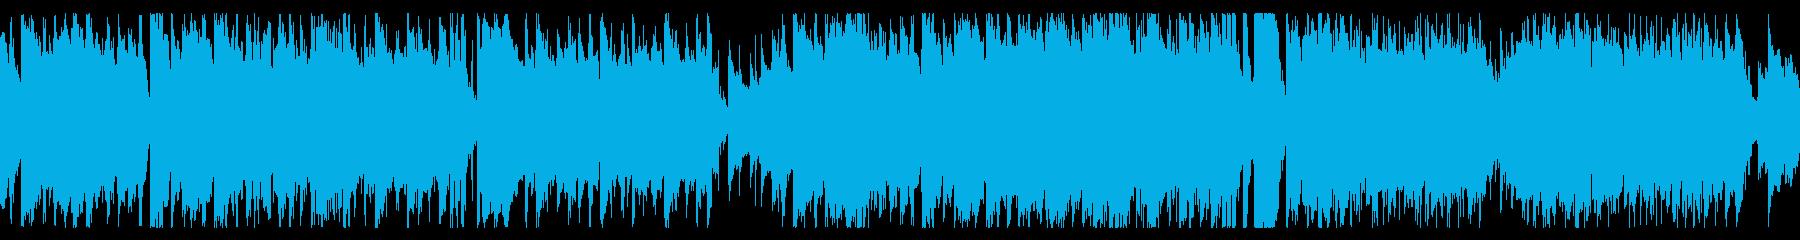 魔族の宴をイメージした怪しいワルツの再生済みの波形